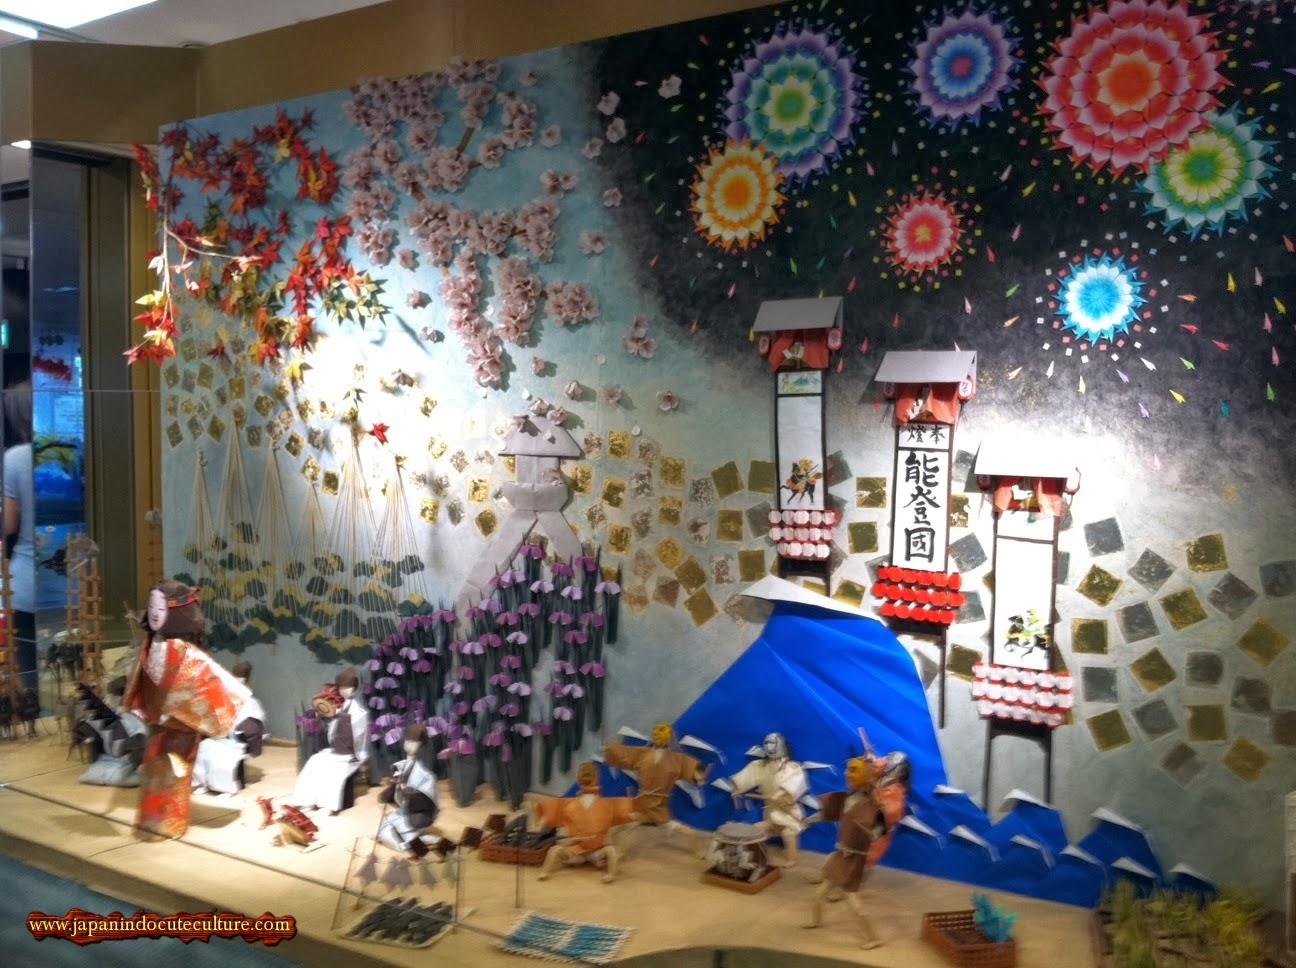 Origami kaisar, prajurit dan hanabi I Museum Origami Cantik di Narita Airport Jepang